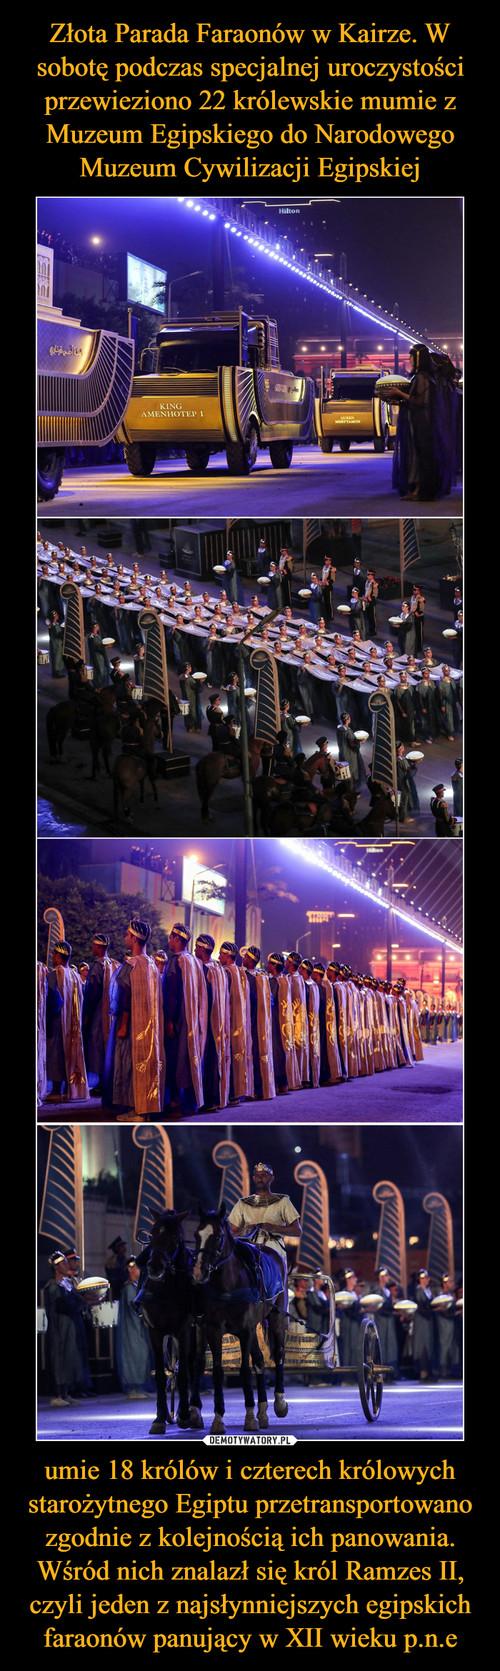 Złota Parada Faraonów w Kairze. W sobotę podczas specjalnej uroczystości przewieziono 22 królewskie mumie z Muzeum Egipskiego do Narodowego Muzeum Cywilizacji Egipskiej umie 18 królów i czterech królowych starożytnego Egiptu przetransportowano zgodnie z kolejnością ich panowania. Wśród nich znalazł się król Ramzes II, czyli jeden z najsłynniejszych egipskich faraonów panujący w XII wieku p.n.e